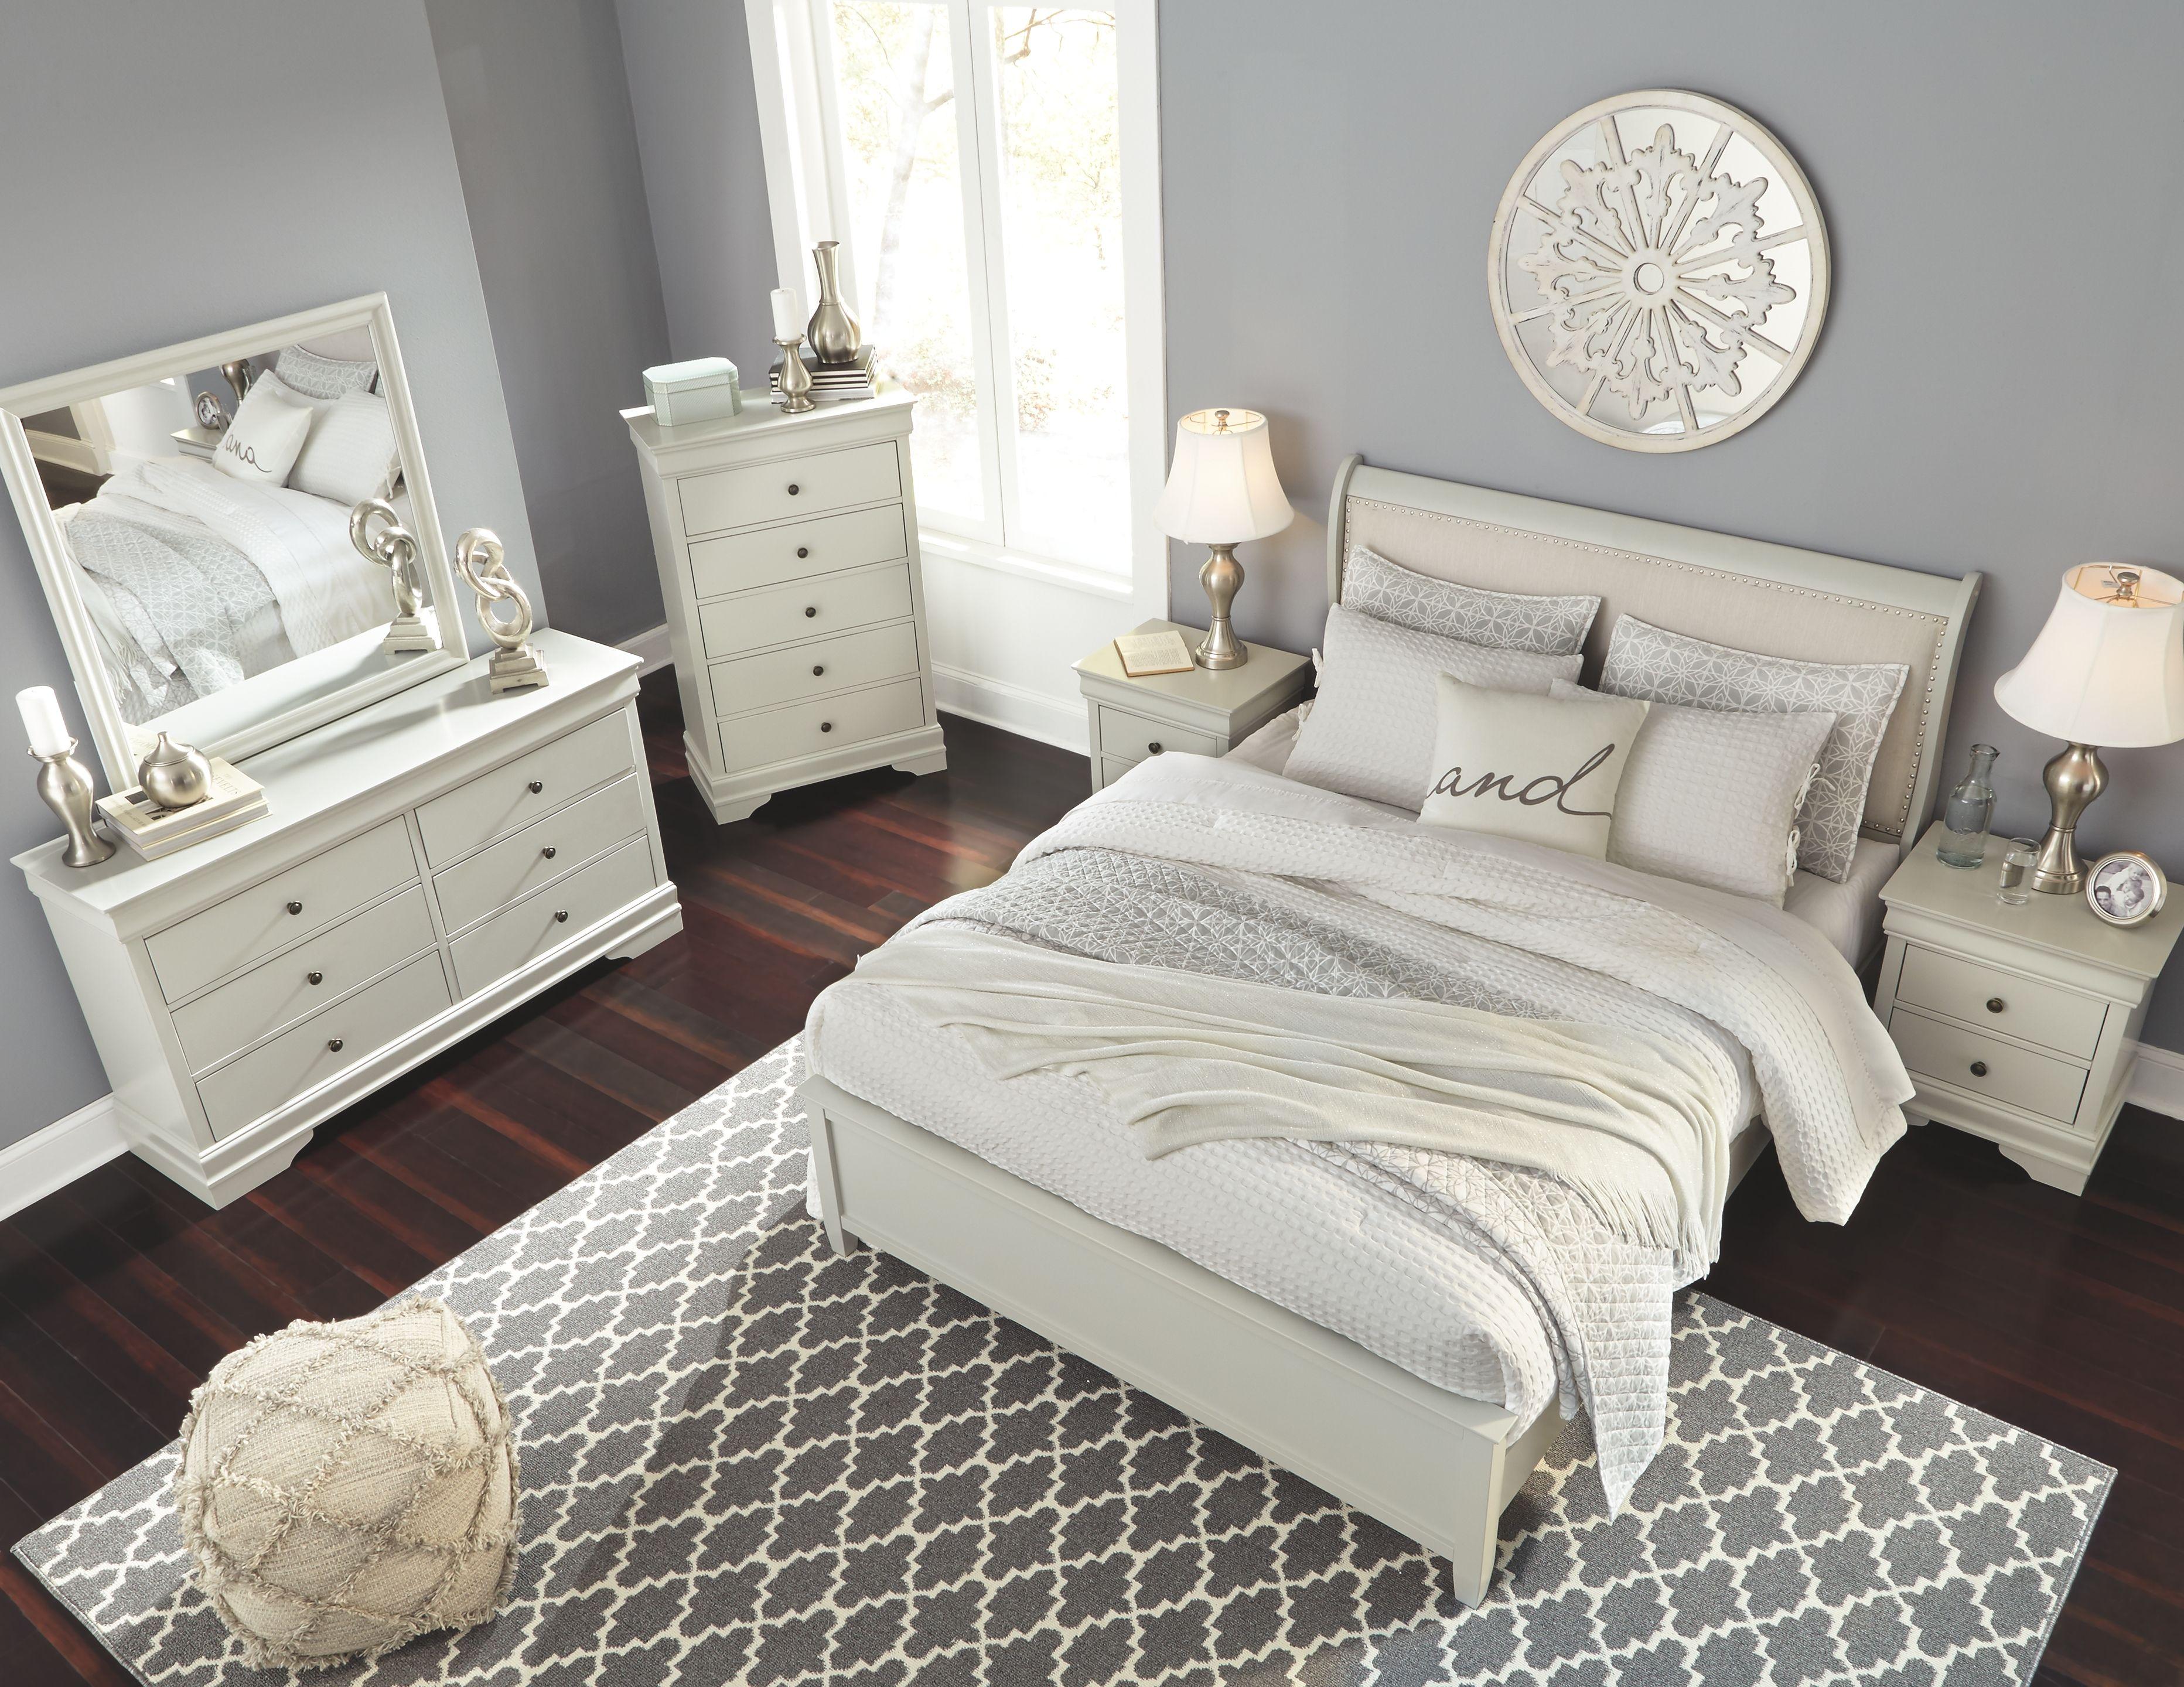 Jorstad Queen Bed With 2 Nightstands Gray Small Room Bedroom Grey Bedroom With Pop Of Color Bedroom Sets